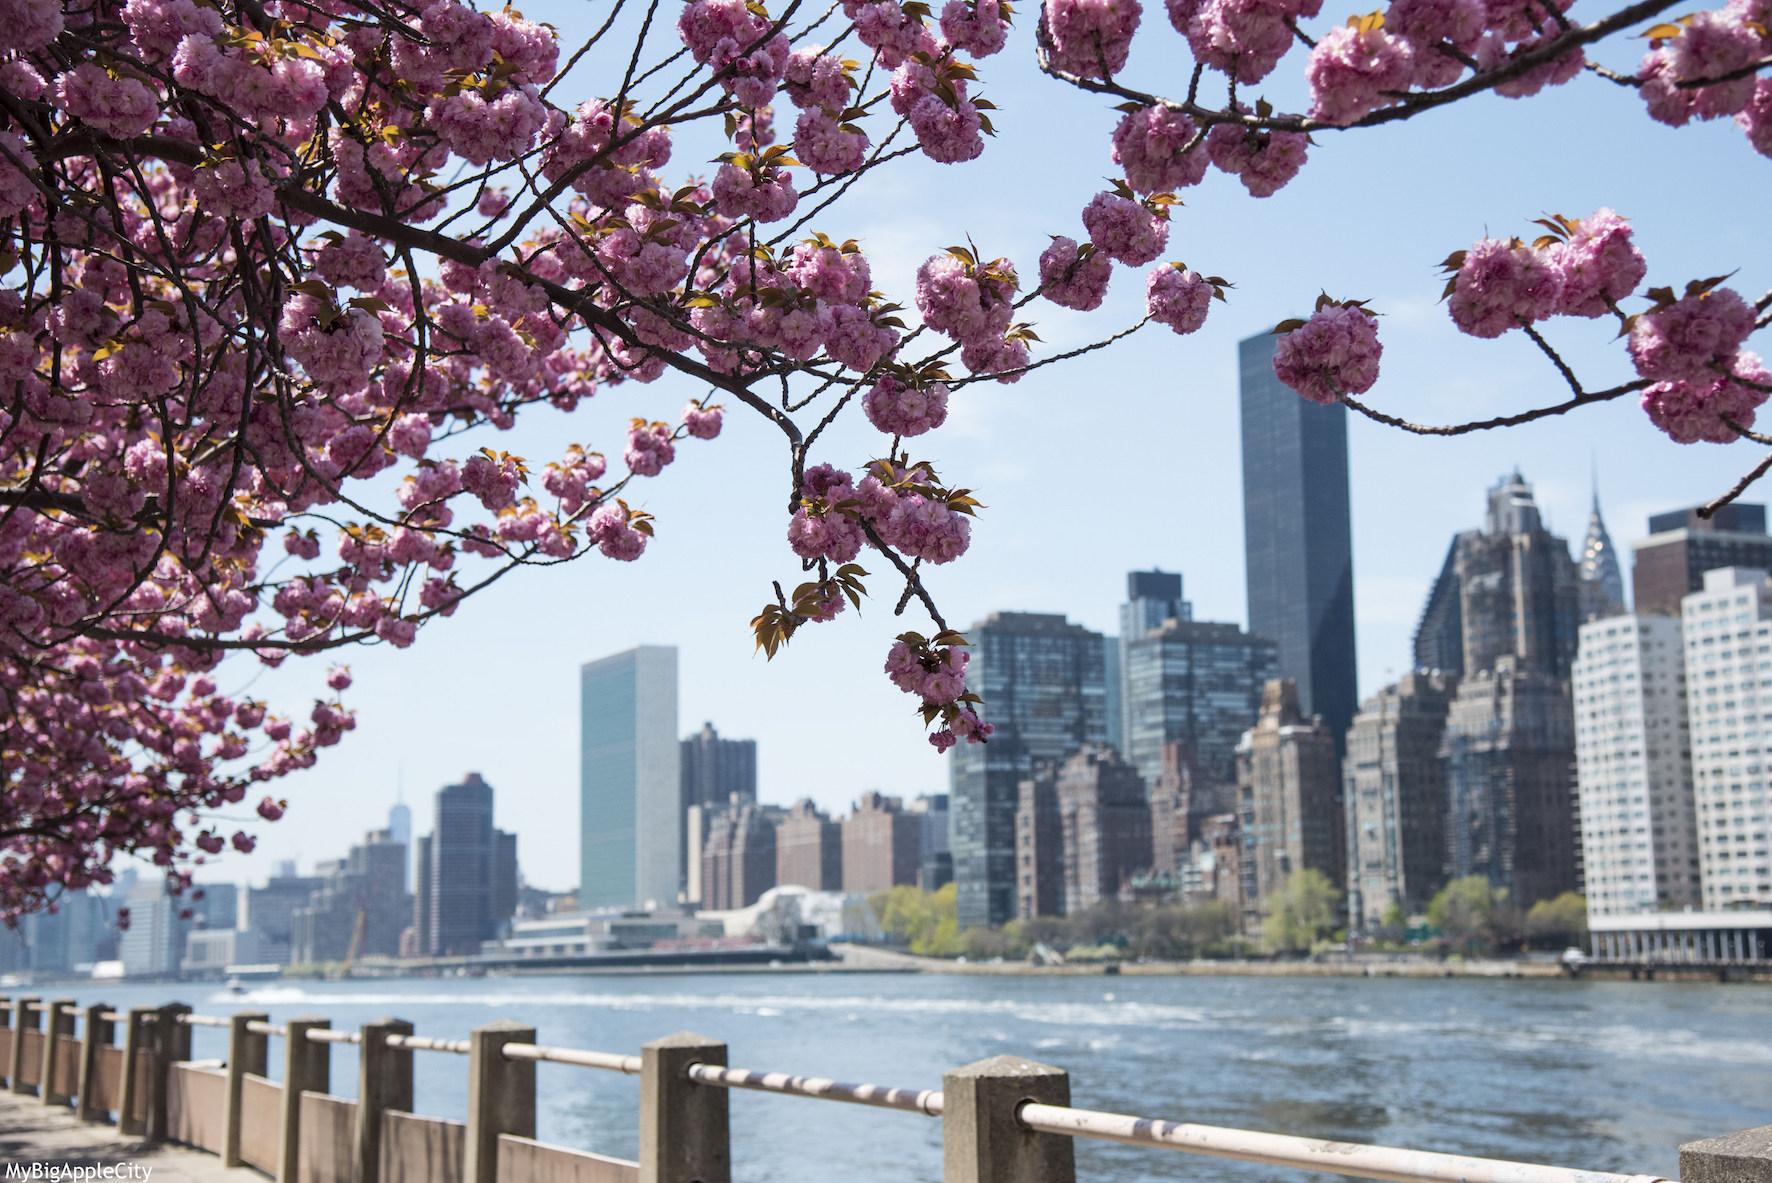 New-York-Skyline-Cherry-Tree-Visit-USA-MyBigAppleCity